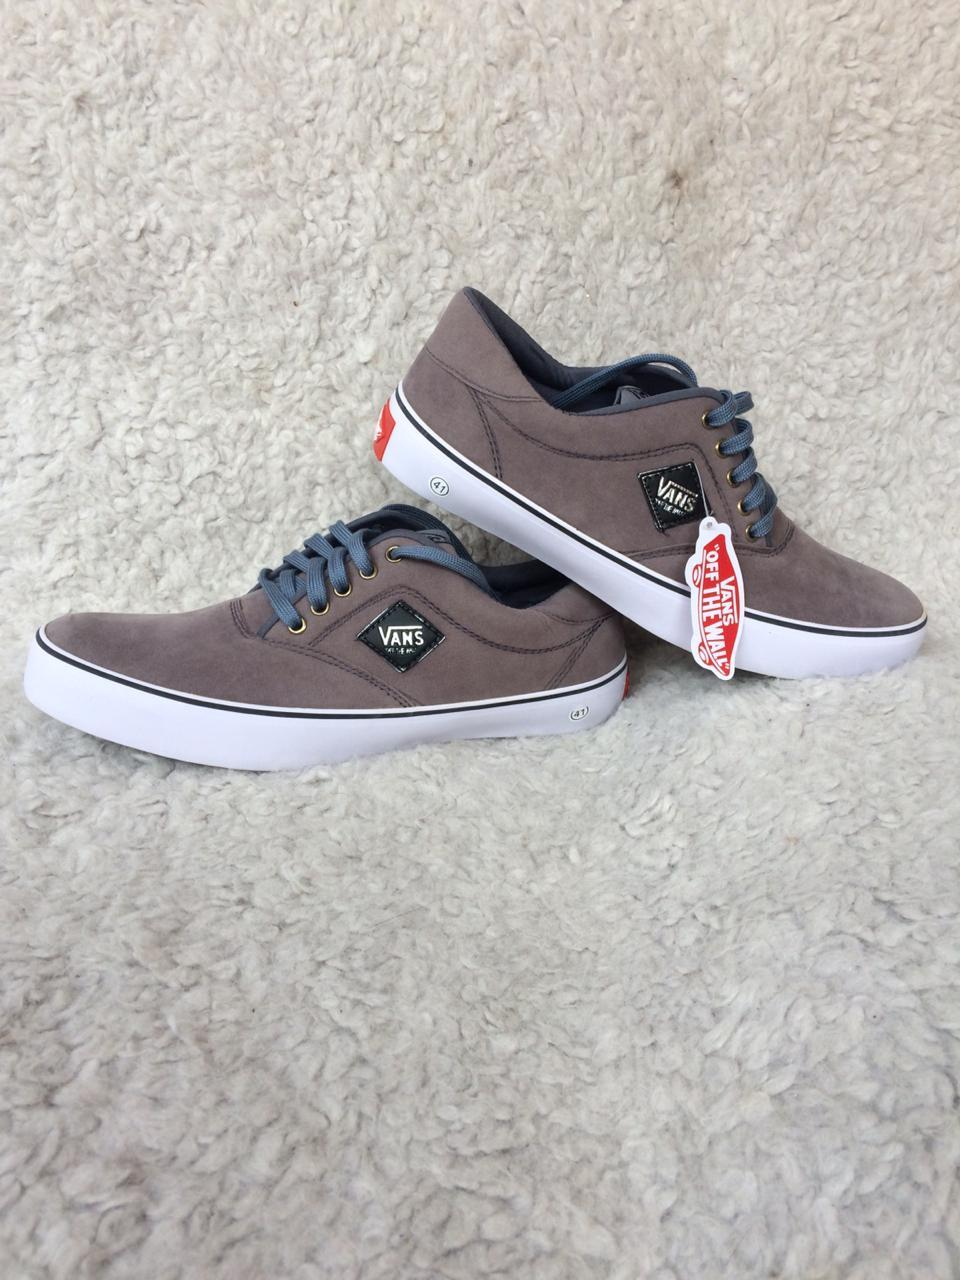 Beli Sepatu Sekolah Keren Store Marwanto606 Bsm Soga Bls 394 Sneakers Pria  Bahan Canvas Simple Dan cdaa027194